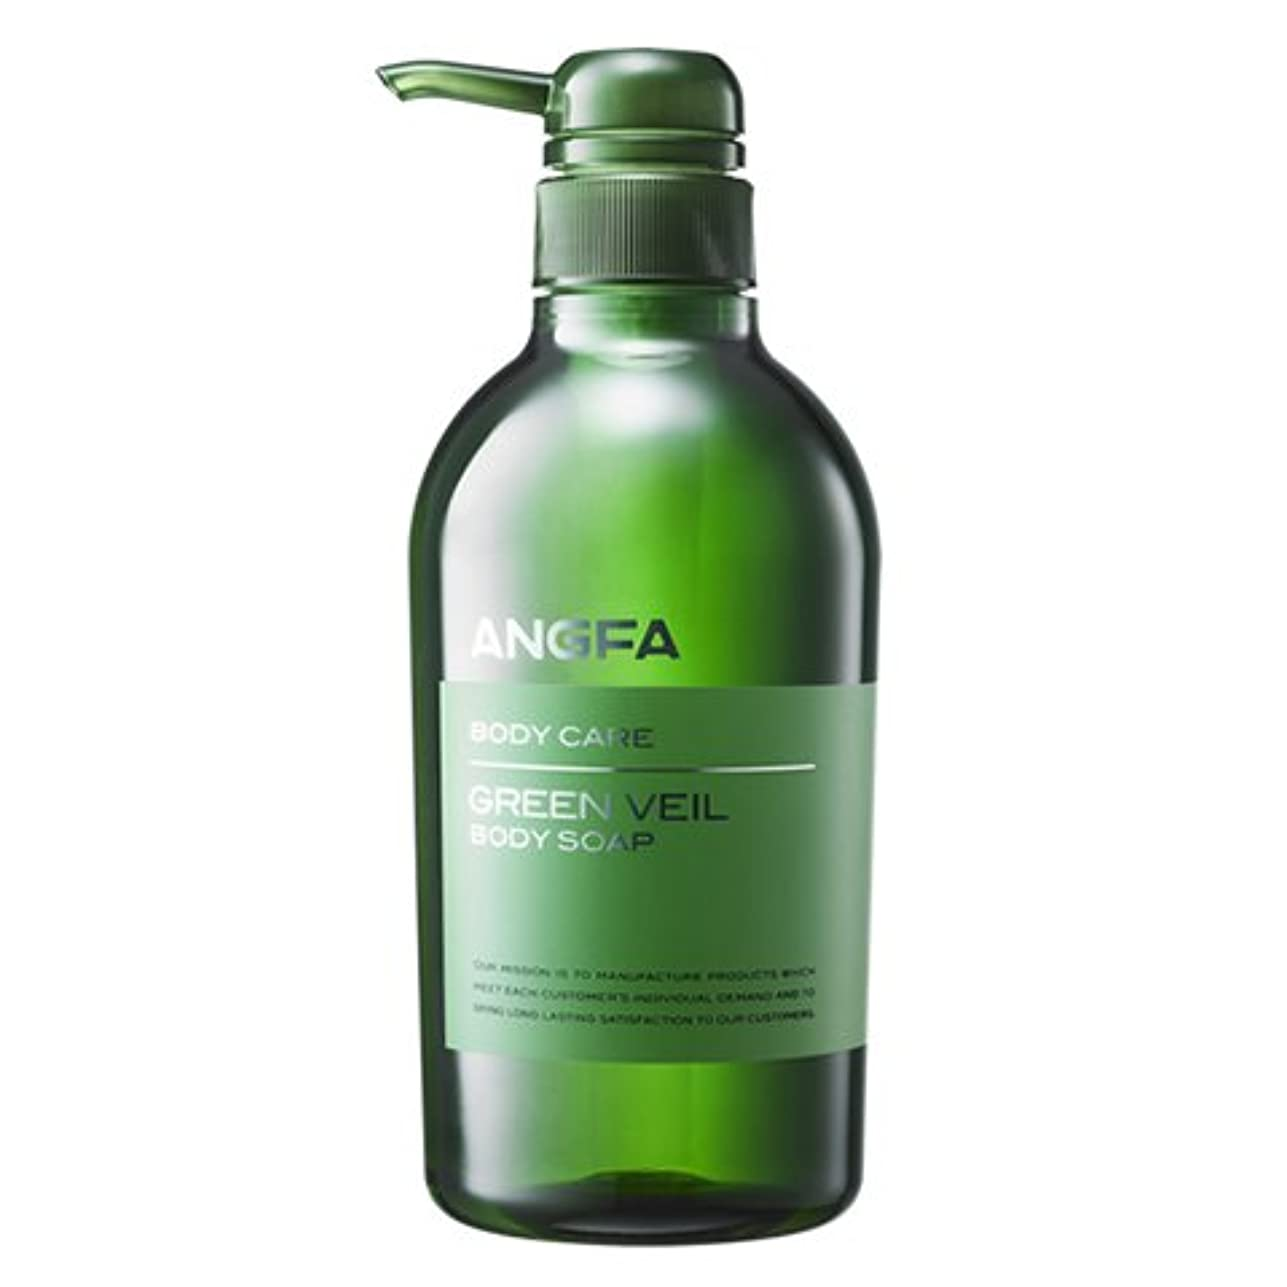 ウォルターカニンガム胃くつろぎアンファー (ANGFA) グリーンベール 薬用ボディソープ 500ml グリーンフローラル [乾燥?保湿] かゆみ肌